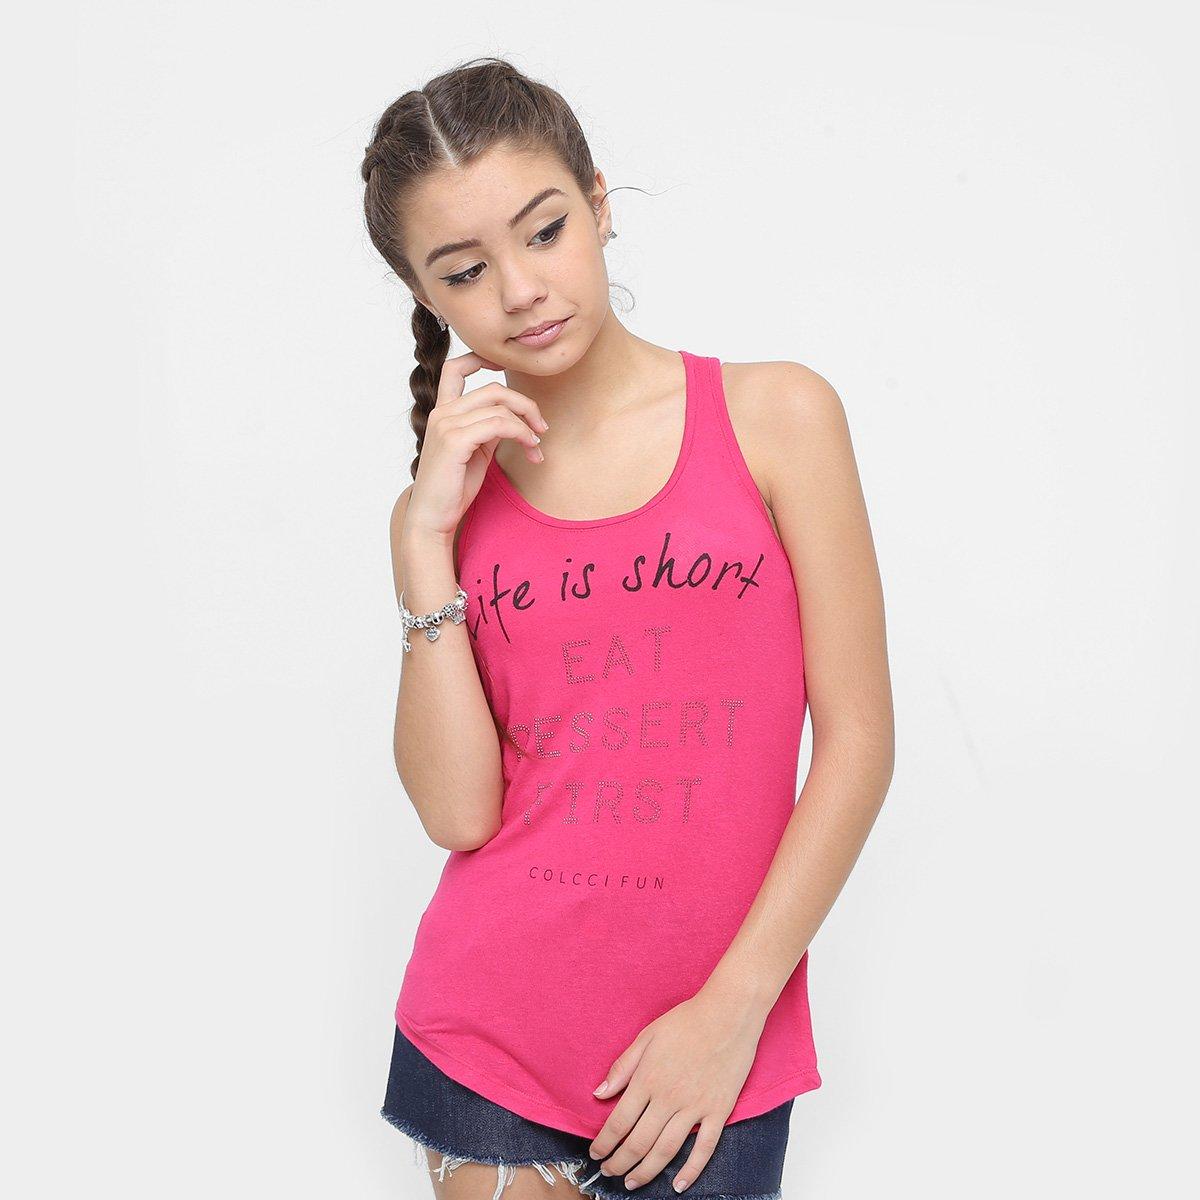 6db73159a Regata Infantil Colcci Fun Estampada Feminina - Pink - Compre Agora |  Zattini